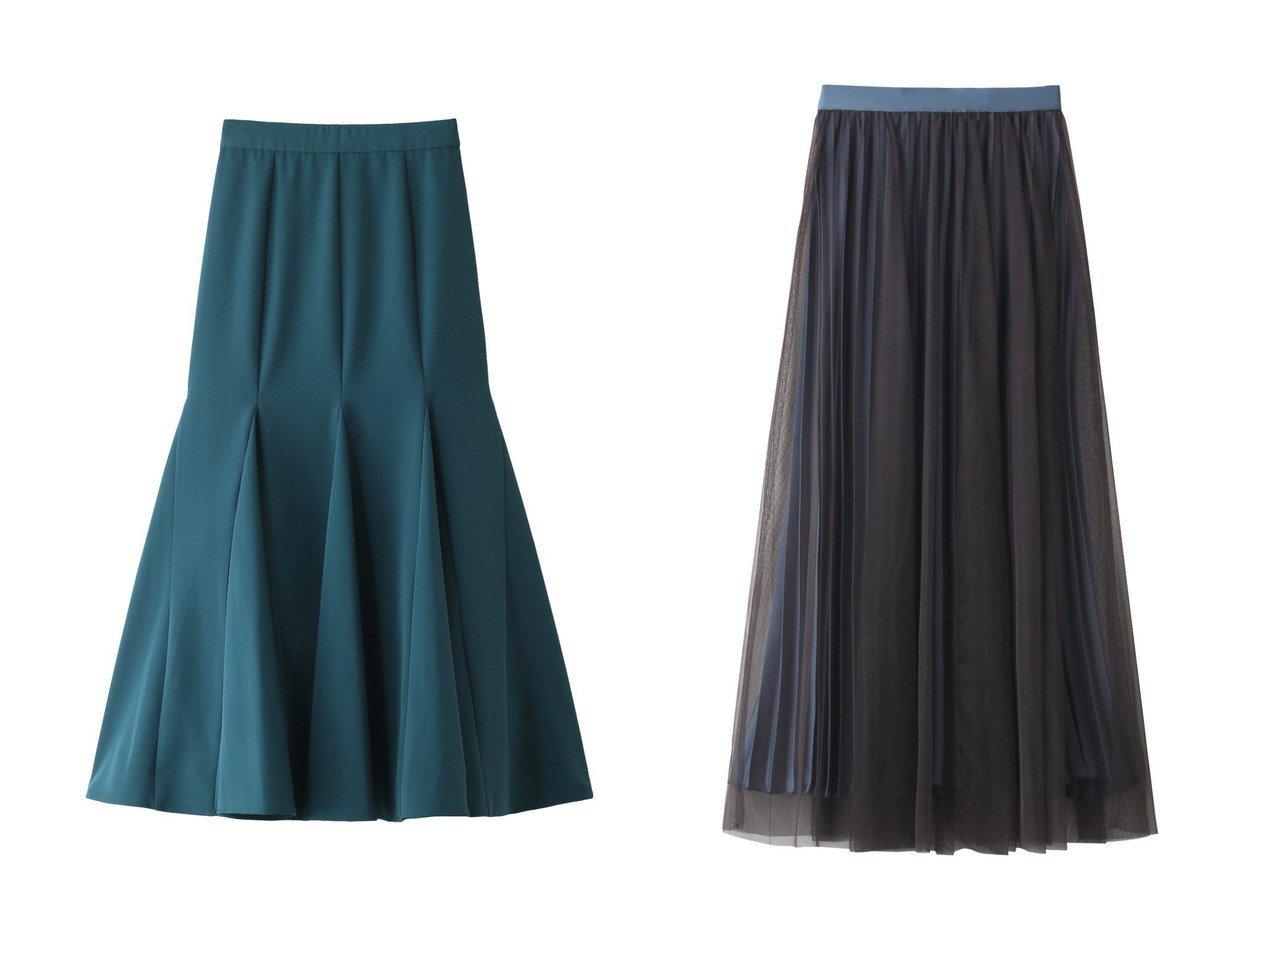 【Ezick/エジック】のハチマイハギフレアスカート&オーバーチュールプリーツスカート スカートのおすすめ!人気、トレンド・レディースファッションの通販 おすすめで人気の流行・トレンド、ファッションの通販商品 メンズファッション・キッズファッション・インテリア・家具・レディースファッション・服の通販 founy(ファニー) https://founy.com/ ファッション Fashion レディースファッション WOMEN スカート Skirt Aライン/フレアスカート Flared A-Line Skirts ロングスカート Long Skirt プリーツスカート Pleated Skirts フレア マーメイド ロング |ID:crp329100000014672